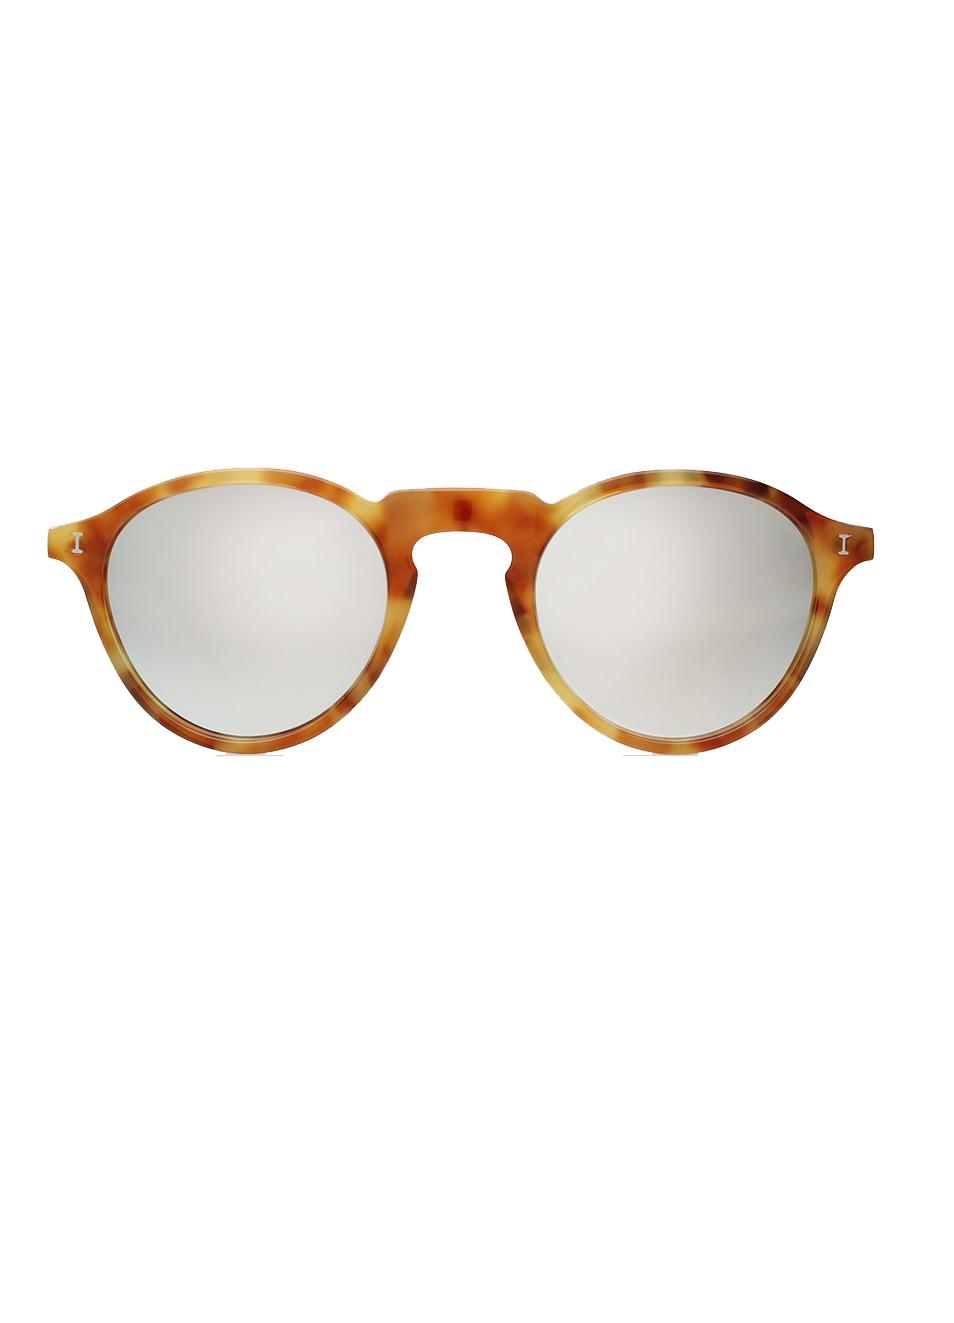 miglior valore bel design ultime tendenze Occhiali da sole modello Capri - Illesteva - Manecapri